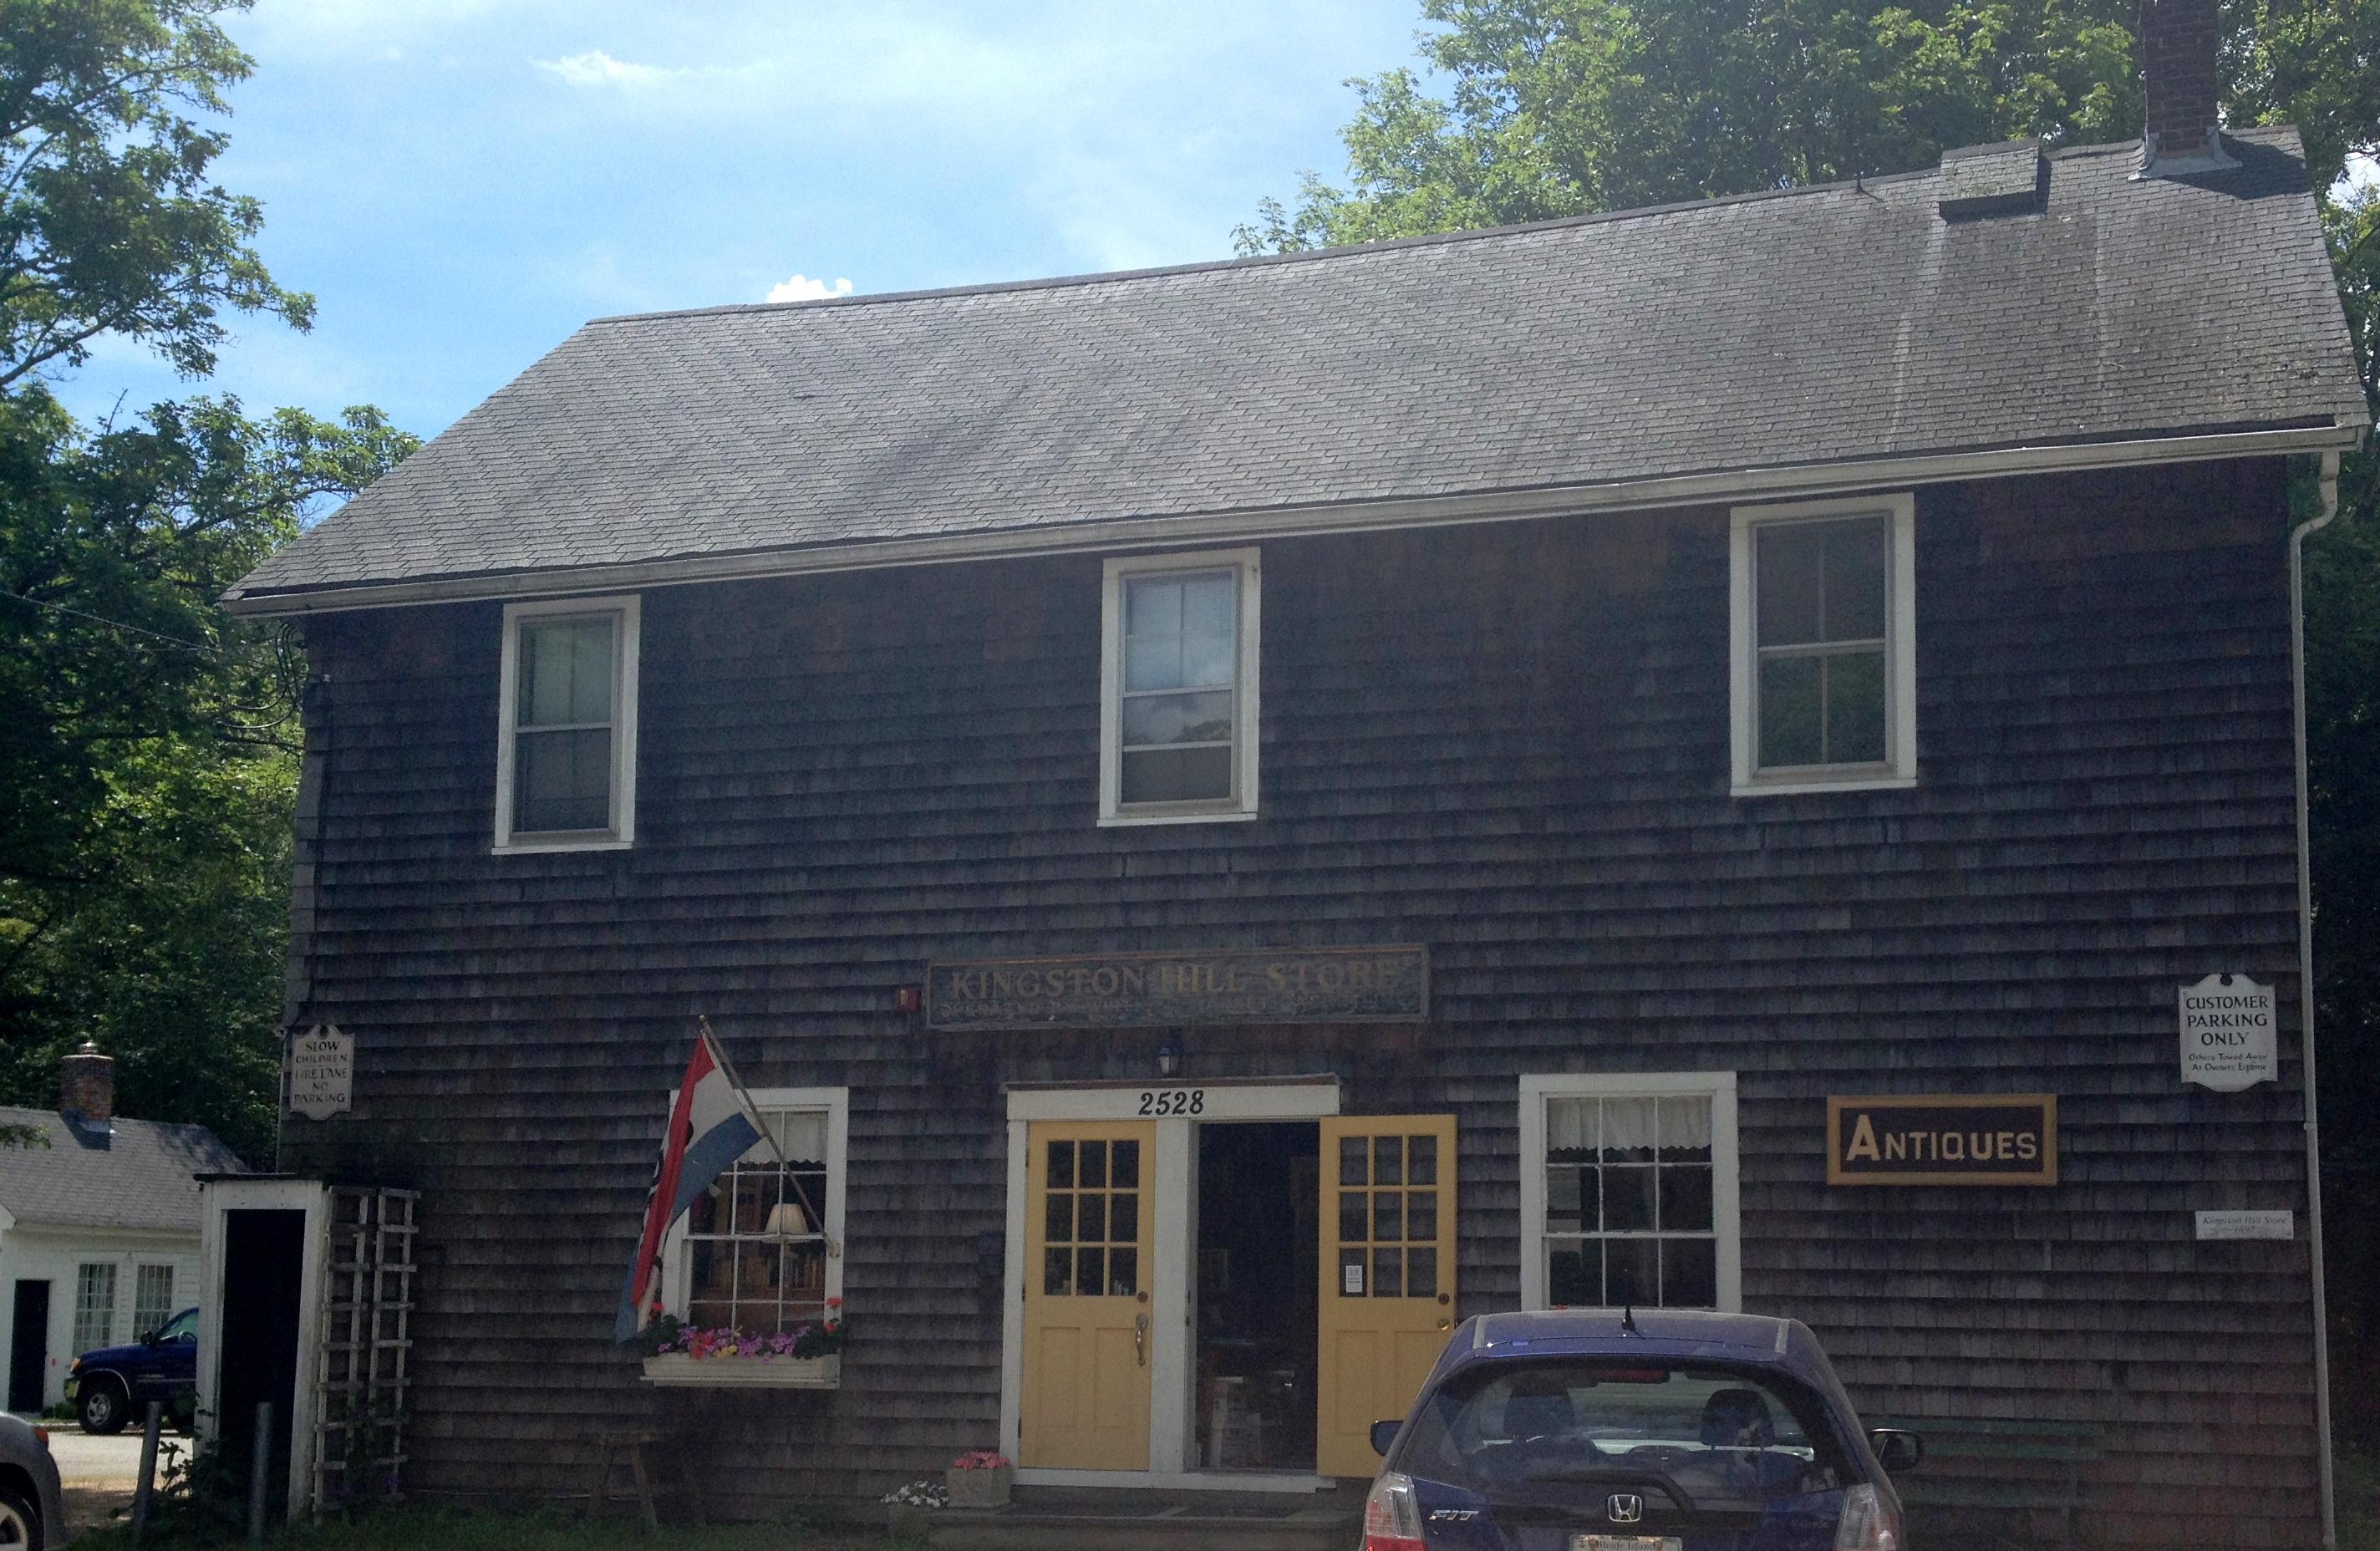 Kingston-Hill-Store-front.jpg